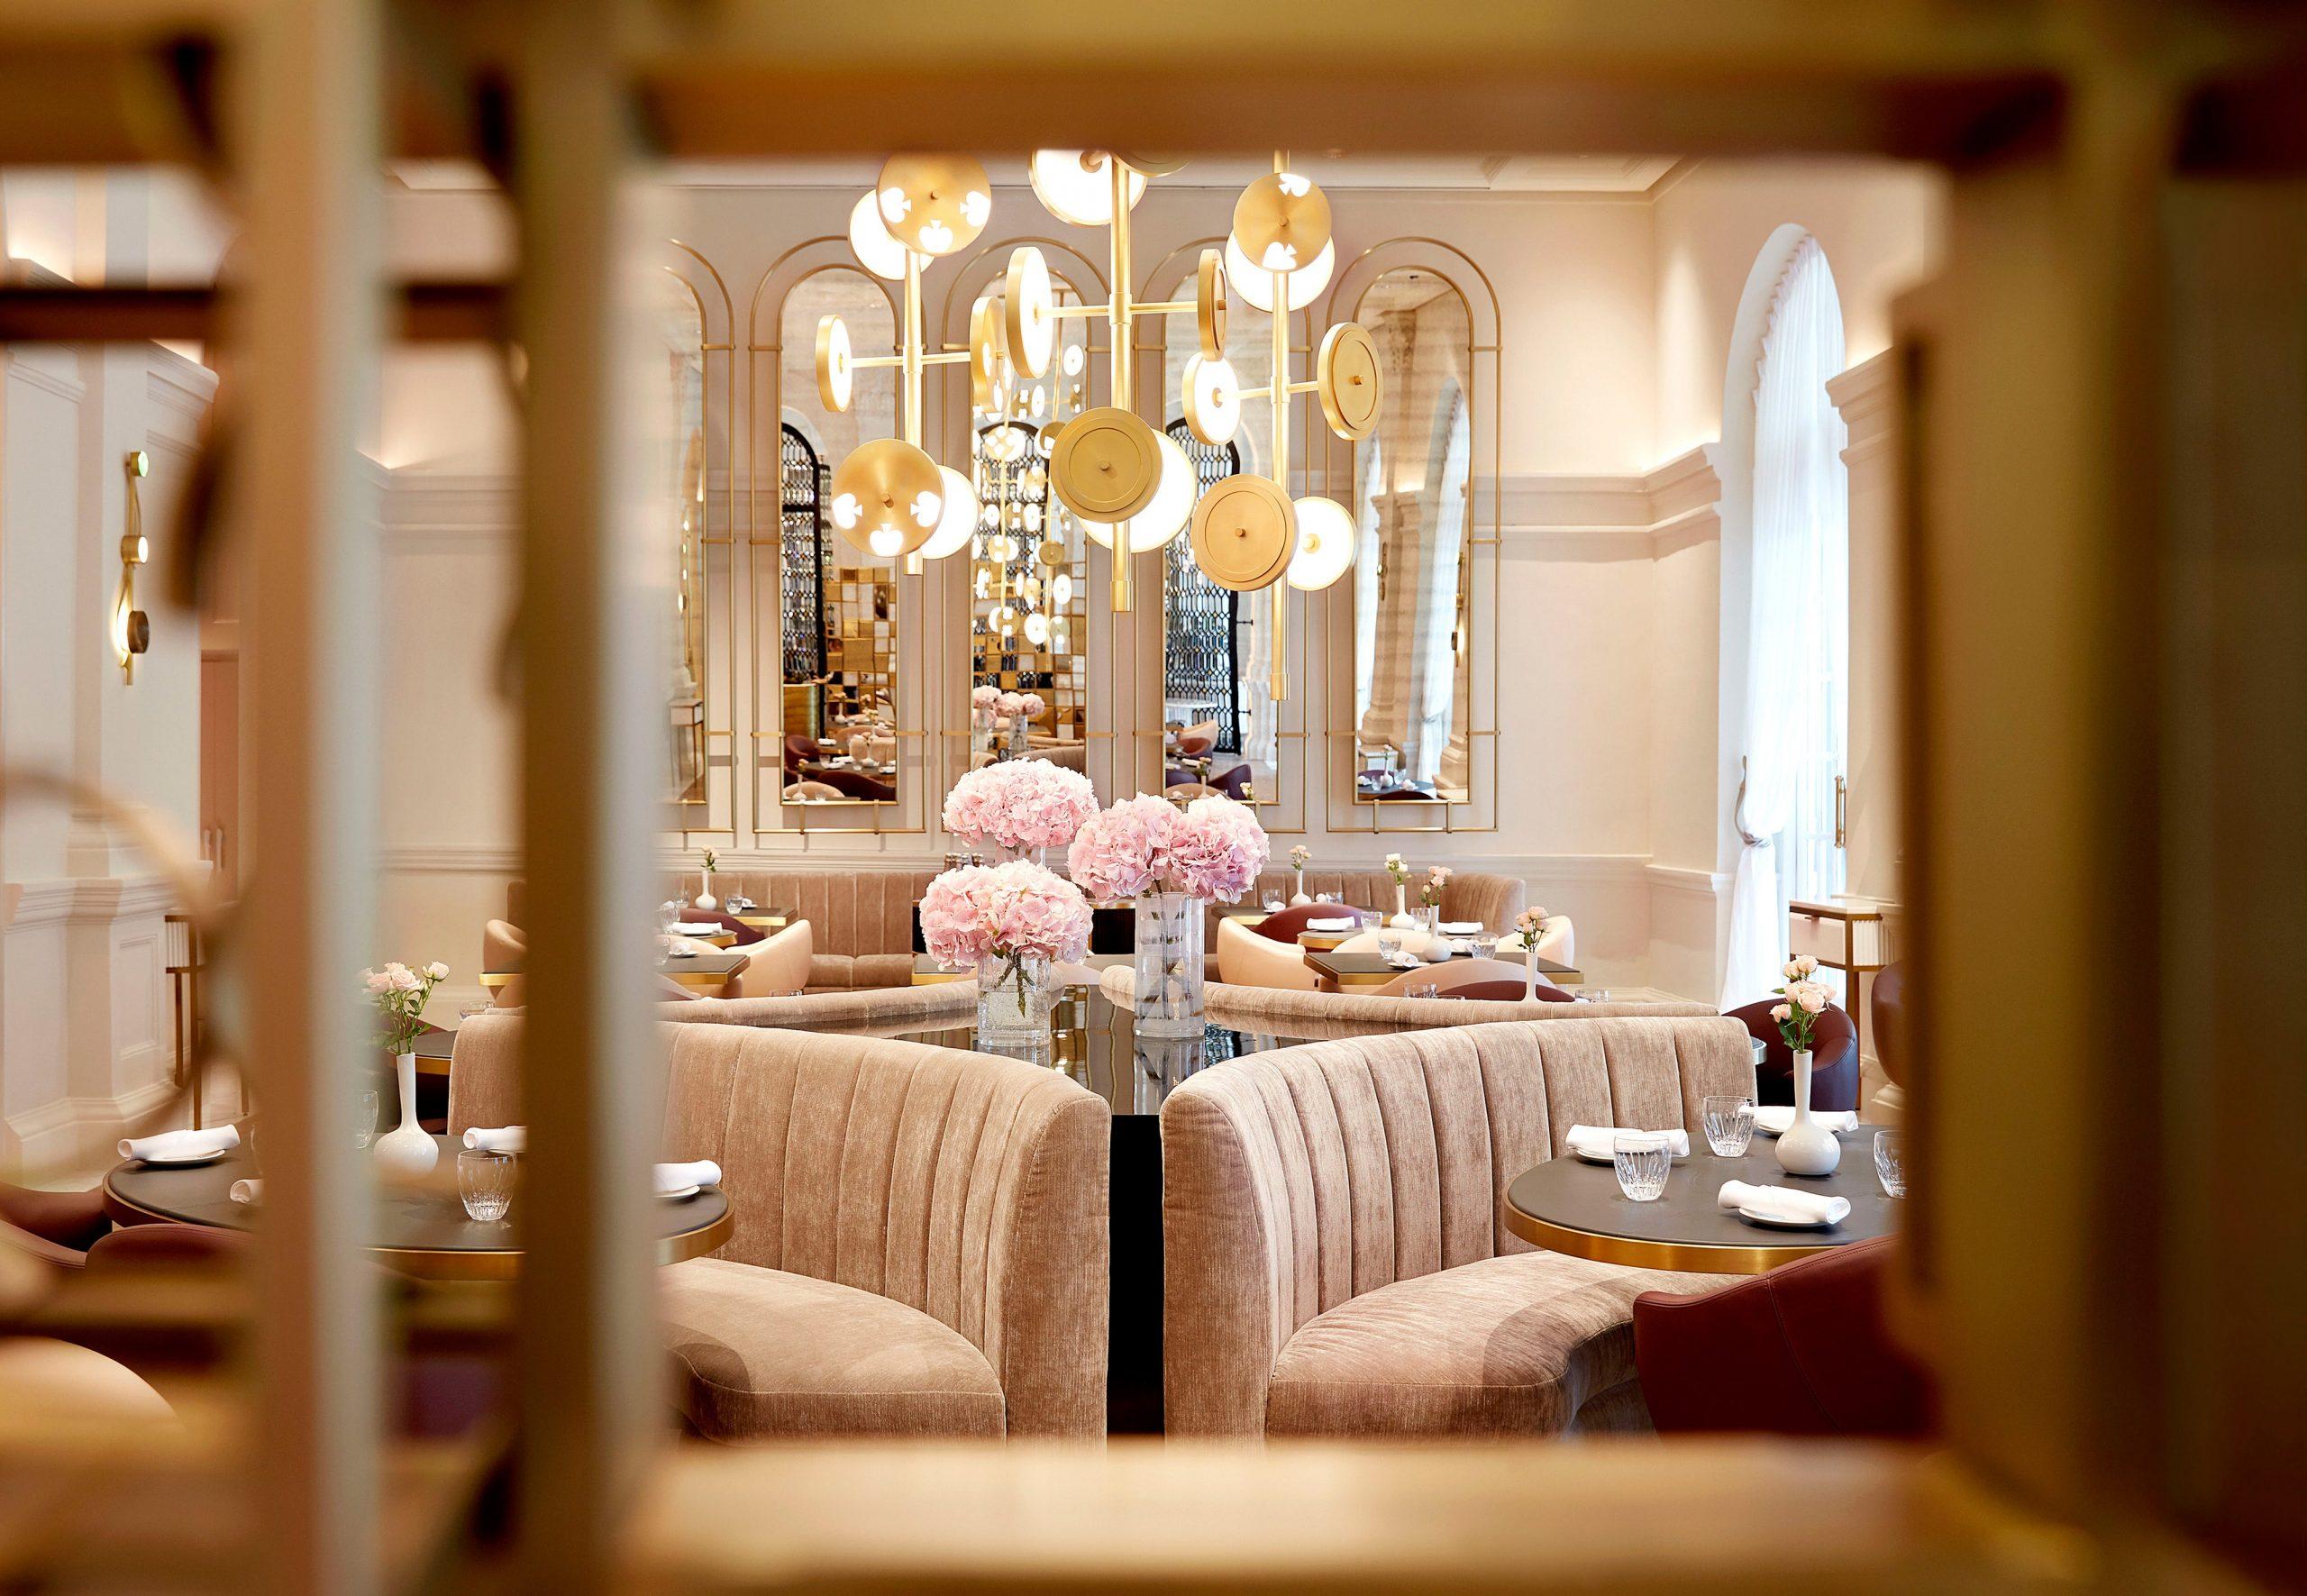 Raffles Hotel Singapur, hoteles para luna de miel en Singapur, luna de miel en Asia - Wedding Hub - 05